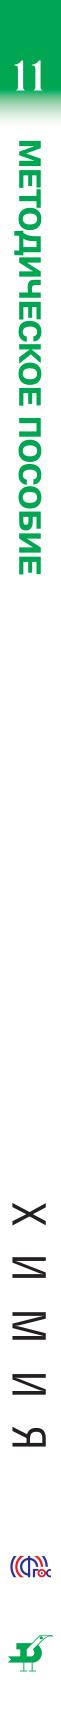 Химия. 11 класс. Углубленный уровень. Методическое пособие. К учебнику О. С. Габриеляна, Г. Г. Лысовой